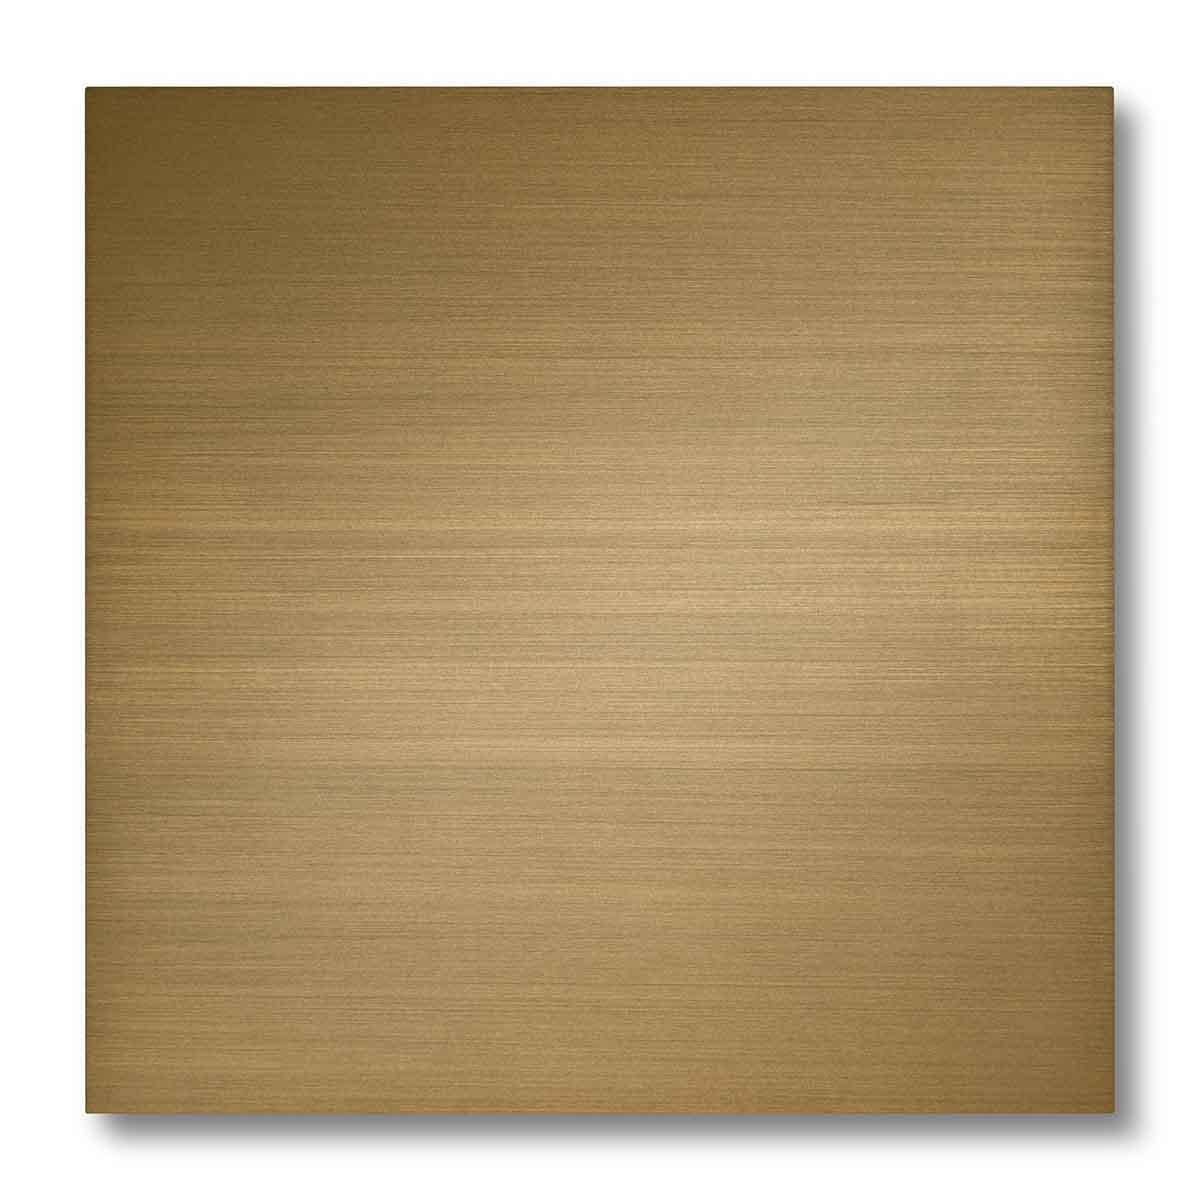 Pannellino di legno dipinto con effetto ottone spazzolato colore ottone satinato scuro